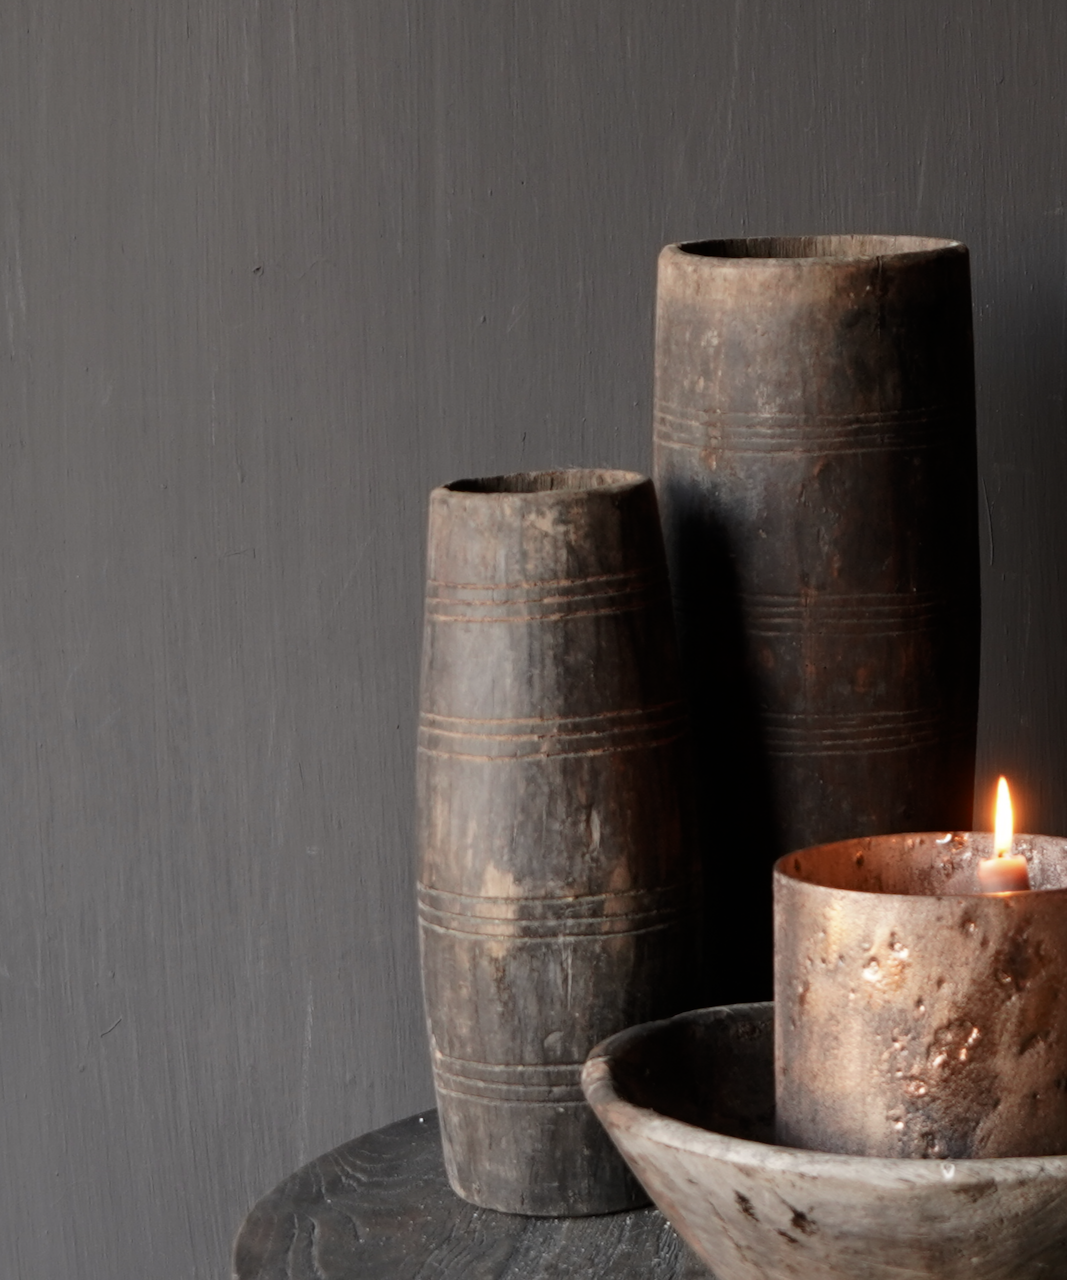 Uniek oud houten vaas zonder bodem gemaakt van een Authentieke trommel-1